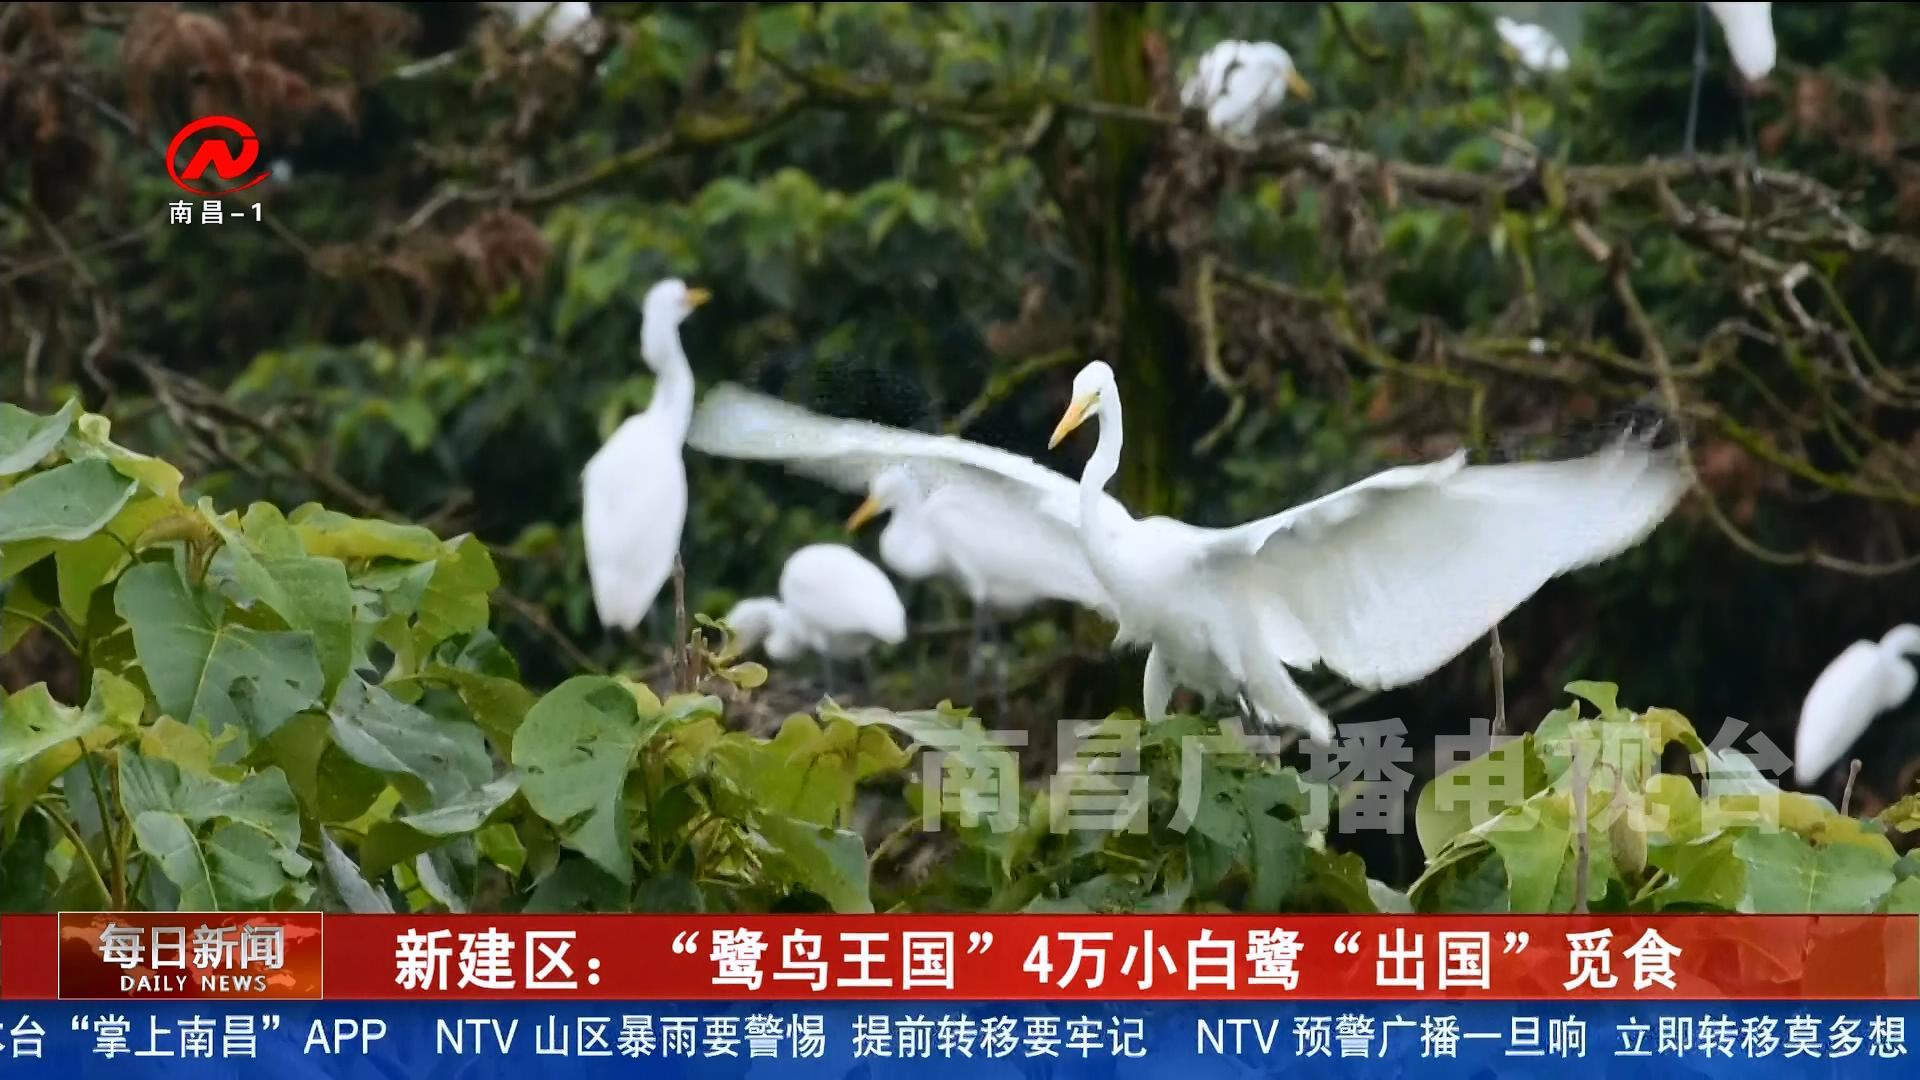 """新建區:""""鷺鳥王國""""4萬小白鷺""""出國""""覓食"""